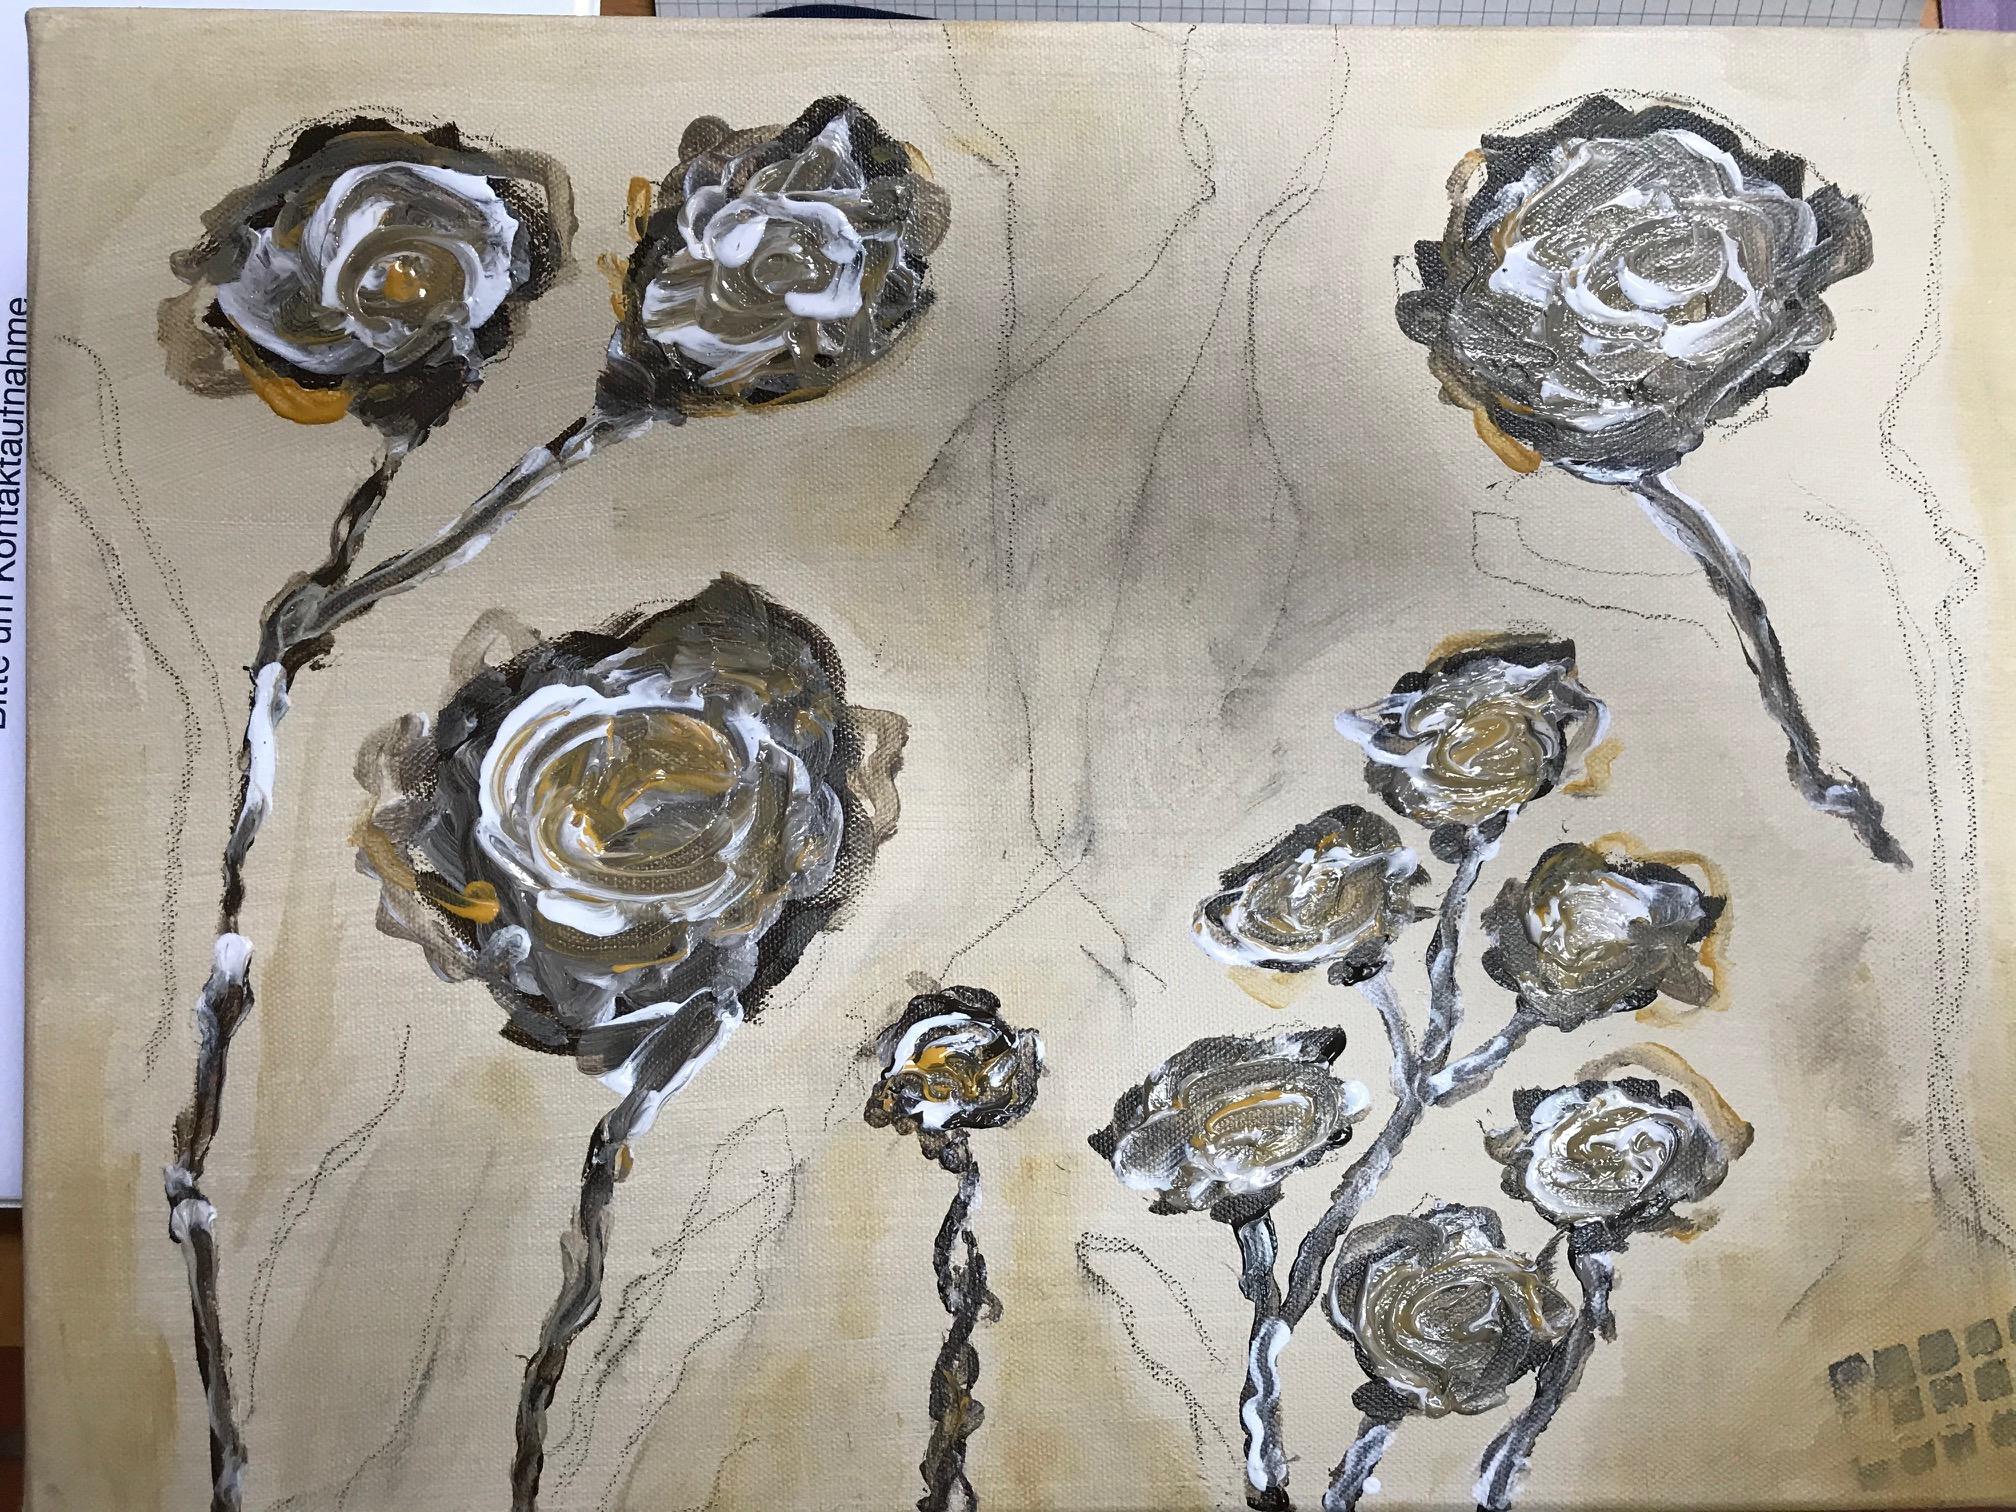 Rosen abstrakt  (nach Vorlage aus dem Internet)